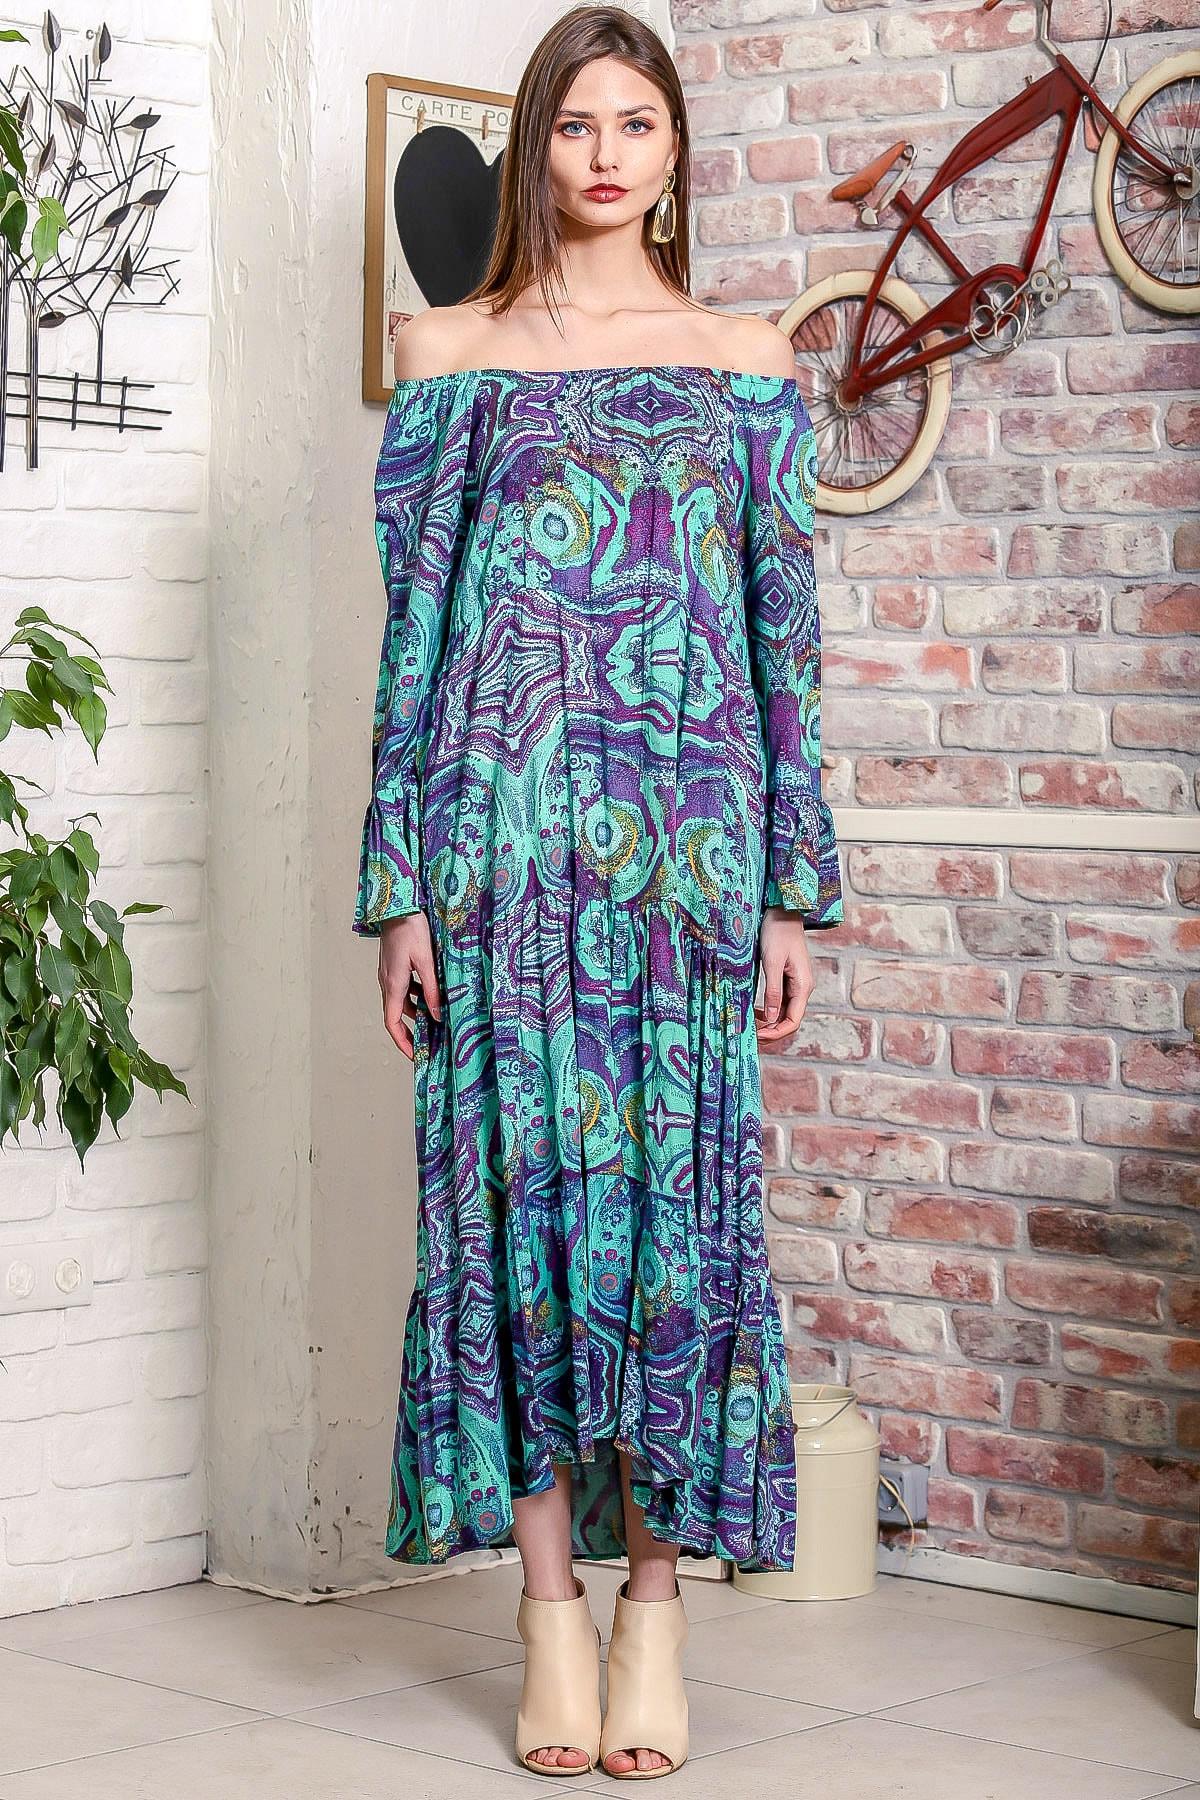 Chiccy Kadın Yeşil Carmen Yaka Sulu Boya Desenli Kol Ucu Volanlı Salaş Dokuma Elbise M10160000EL95906 3